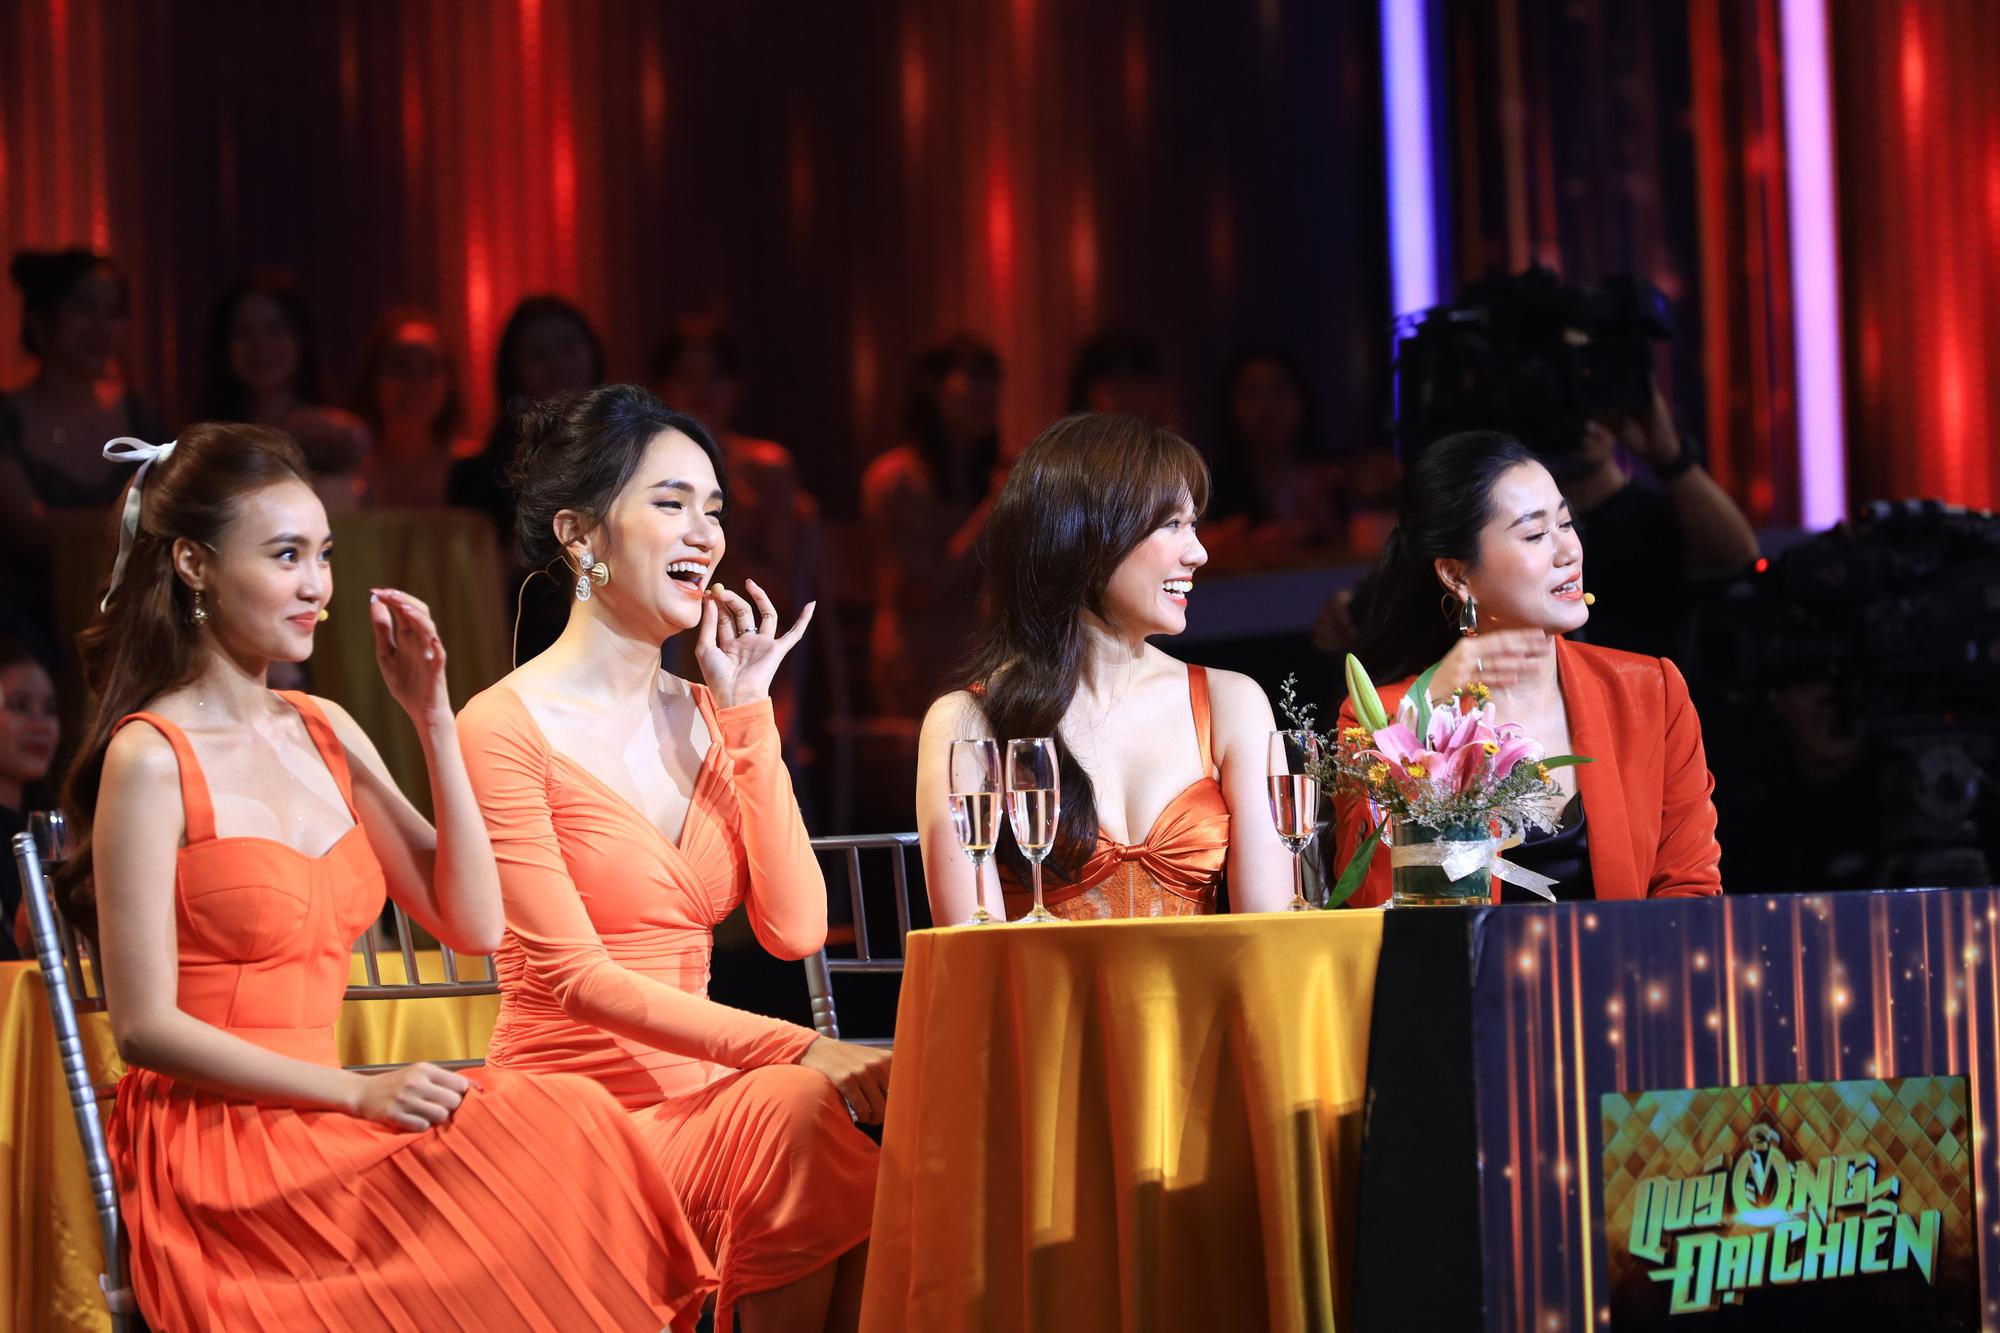 Hương Giang, Hari Won hào hứng kể về nụ hôn đầu đời đặc biệt - Ảnh 3.